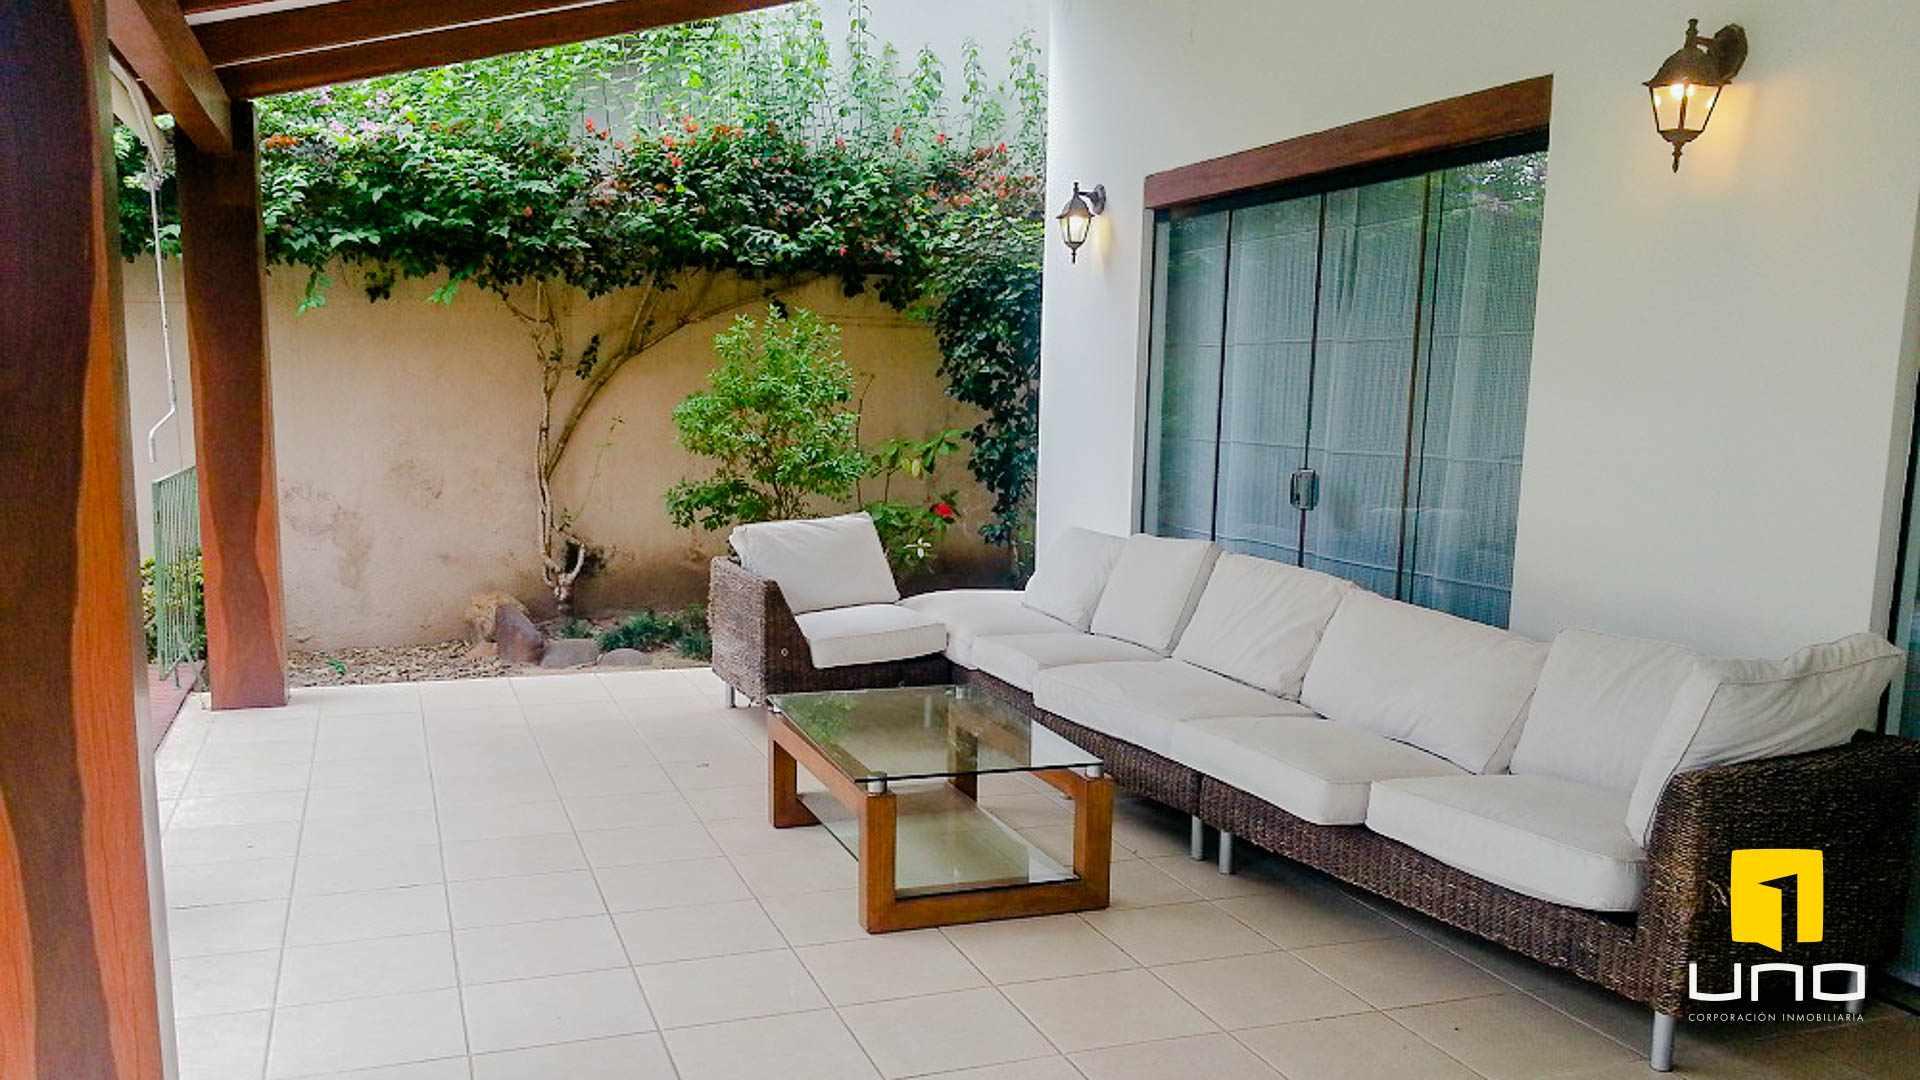 Casa en Alquiler BARRIO LAS PALMAS ALQUILO CASA COMPLETAMENTE AMOBLADA Foto 7